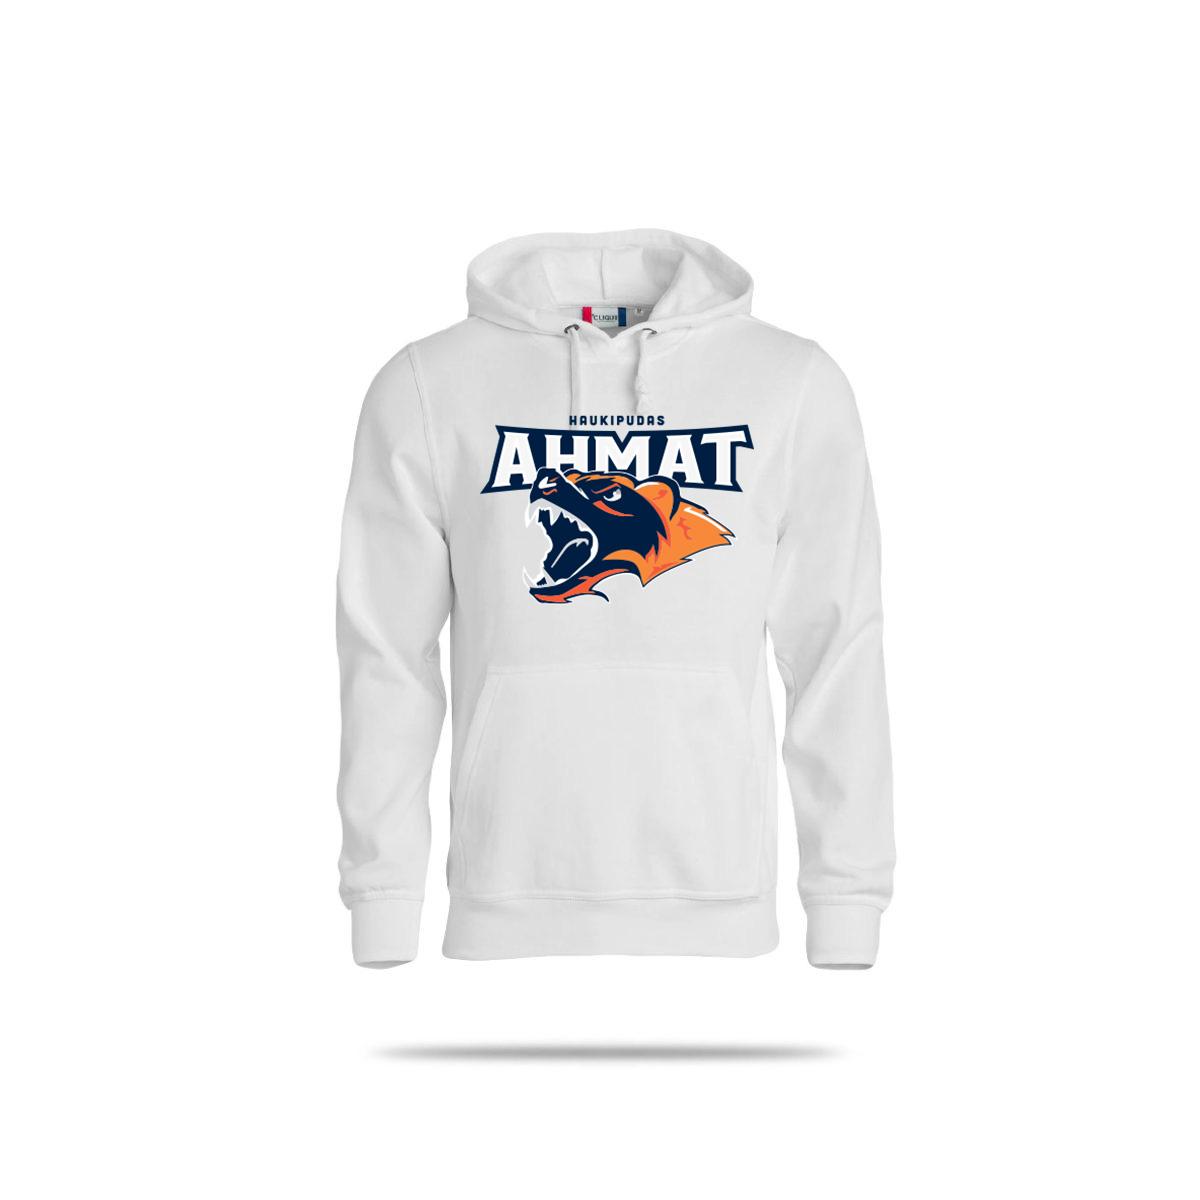 Ahmat-fani-3022-valk-original